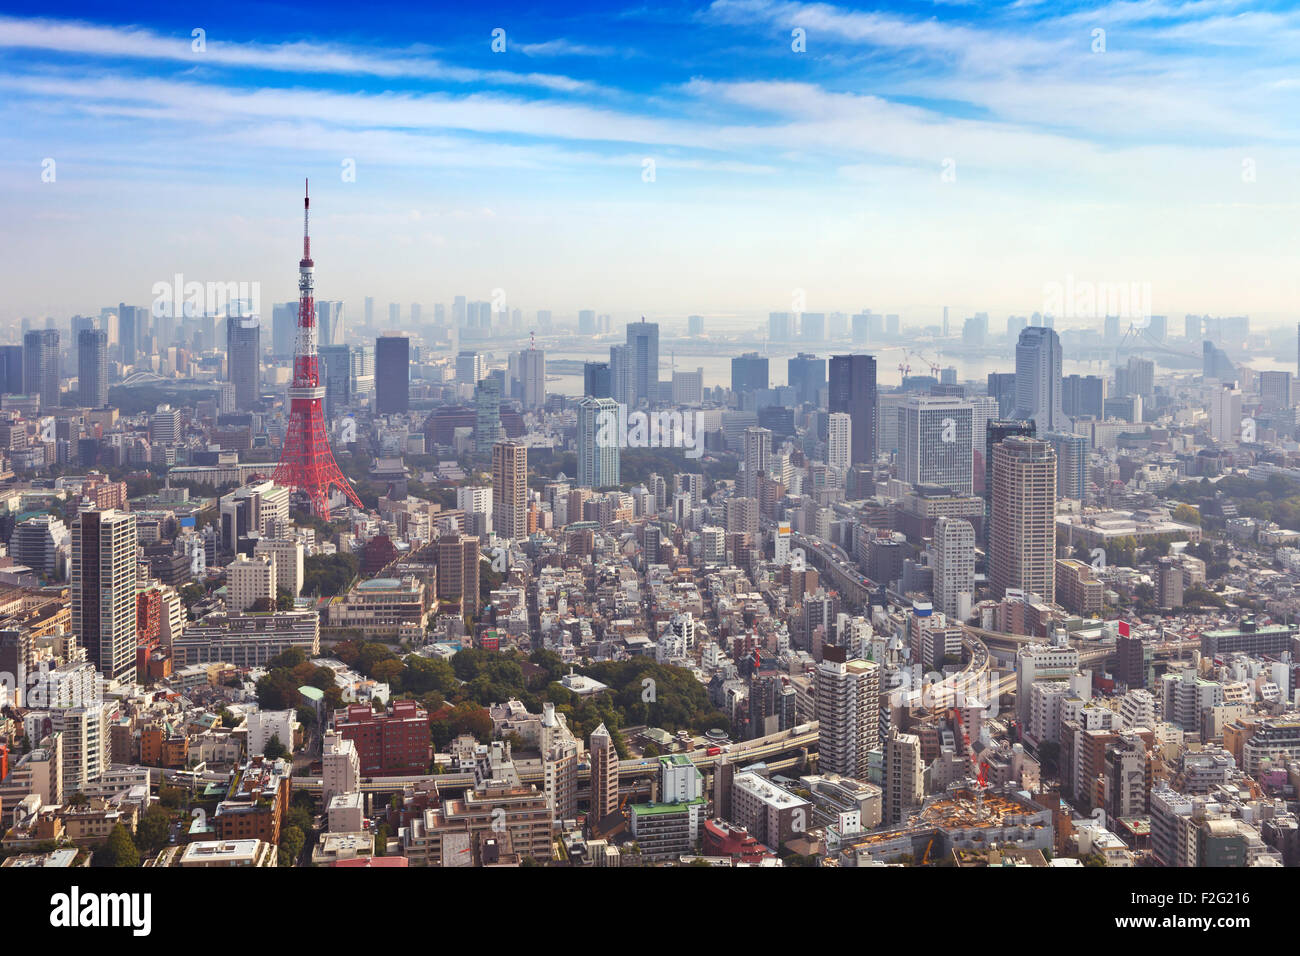 El horizonte de Tokio, Japón, con la Torre de Tokio fotografiado desde arriba. Foto de stock